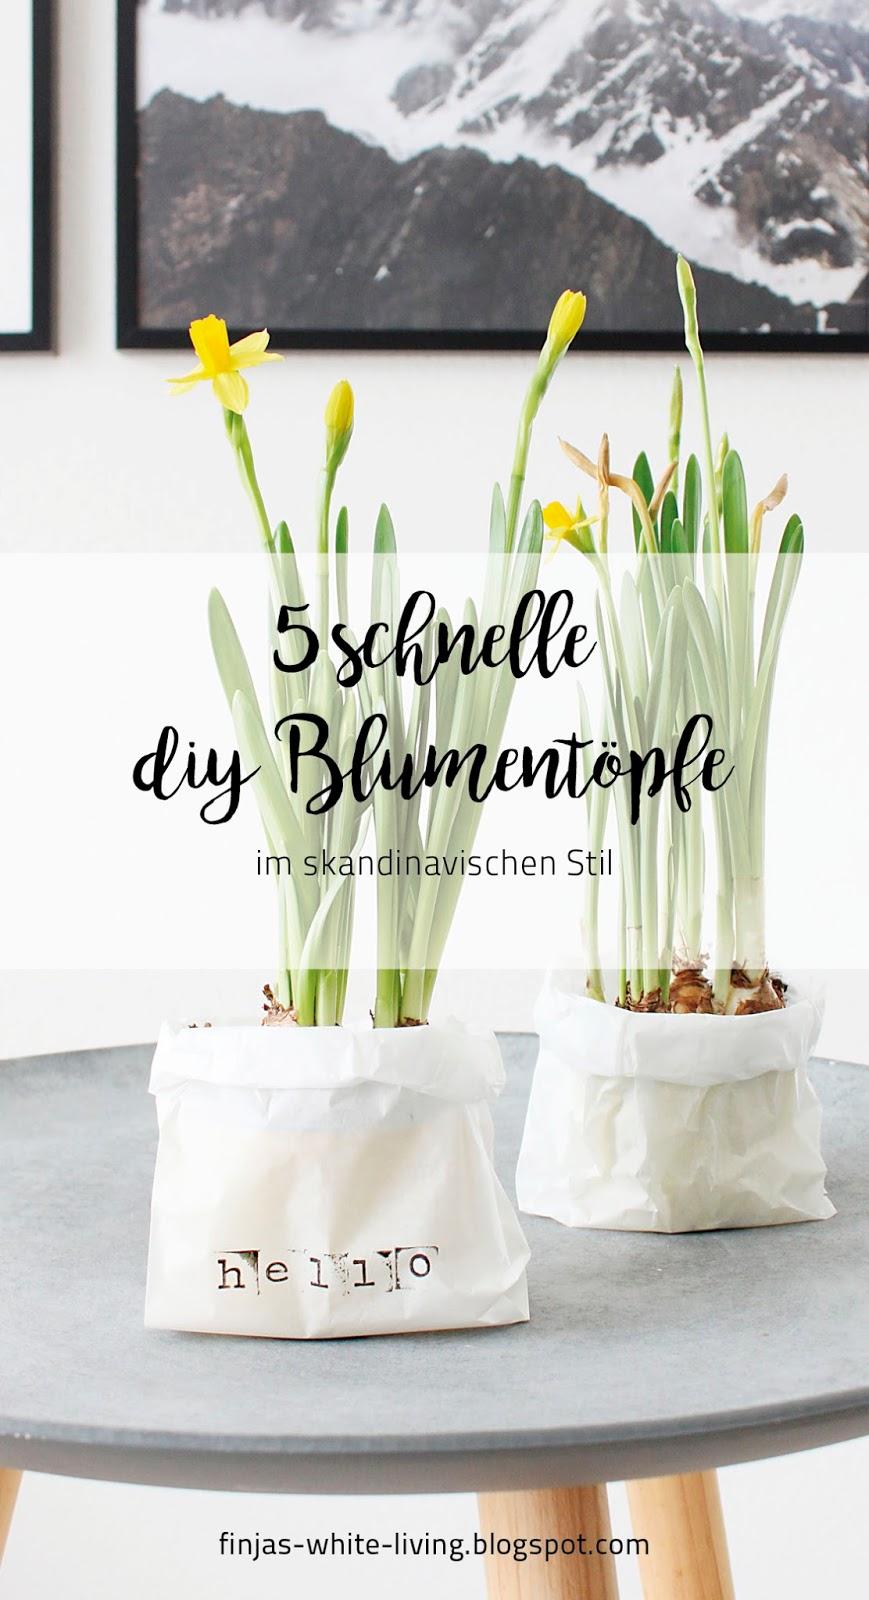 Bastelanleitung für 5 schnelle DIY Blumentöpfe im skandinavischen Stil